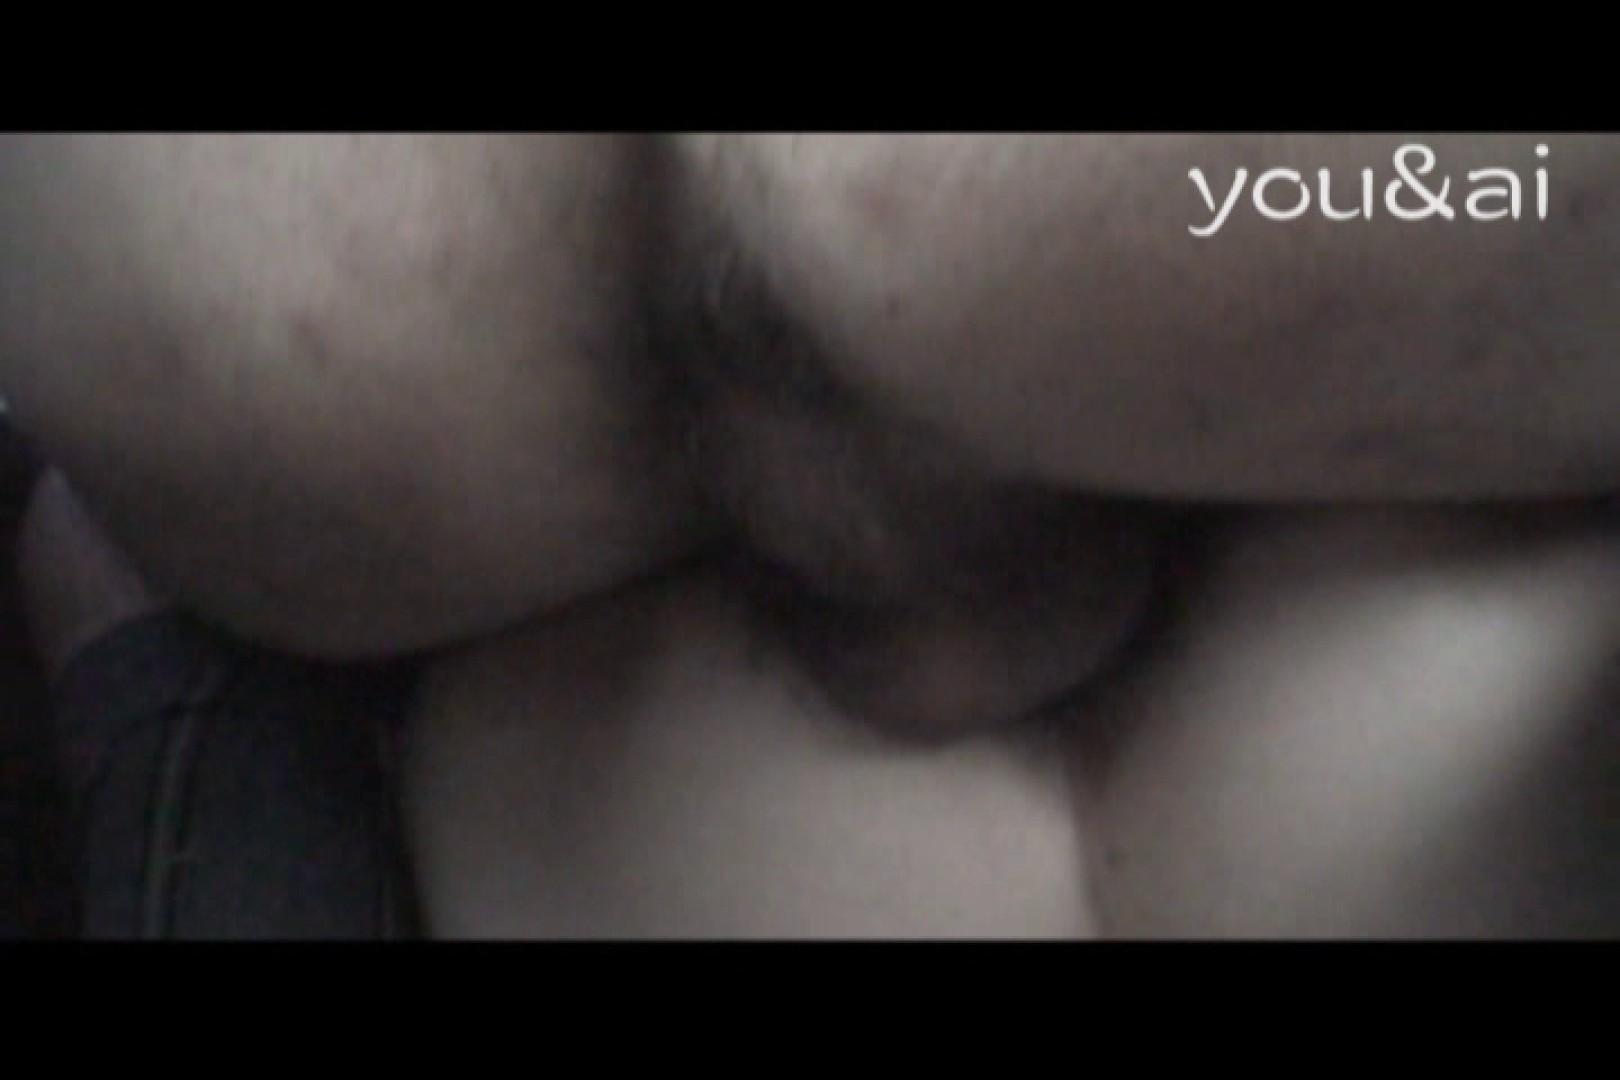 おしどり夫婦のyou&aiさん投稿作品vol.8 HなOL アダルト動画キャプチャ 112pic 52